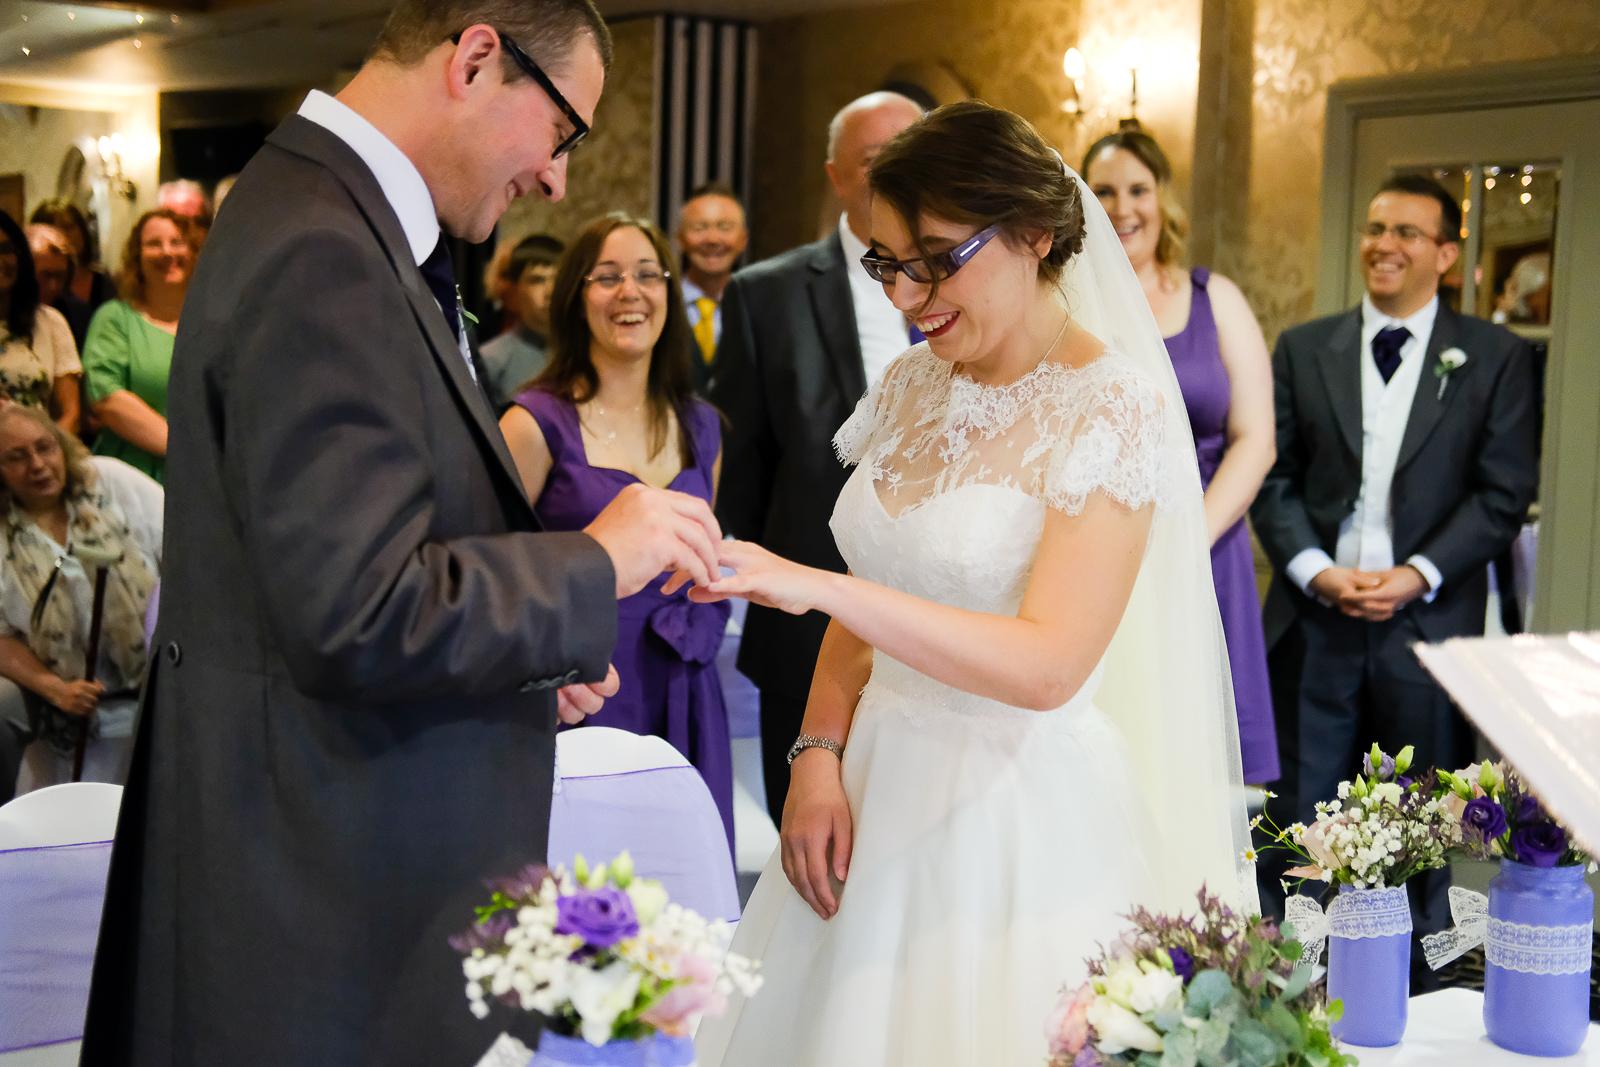 Belmont Hotel Wedding in Leicester 021.jpg